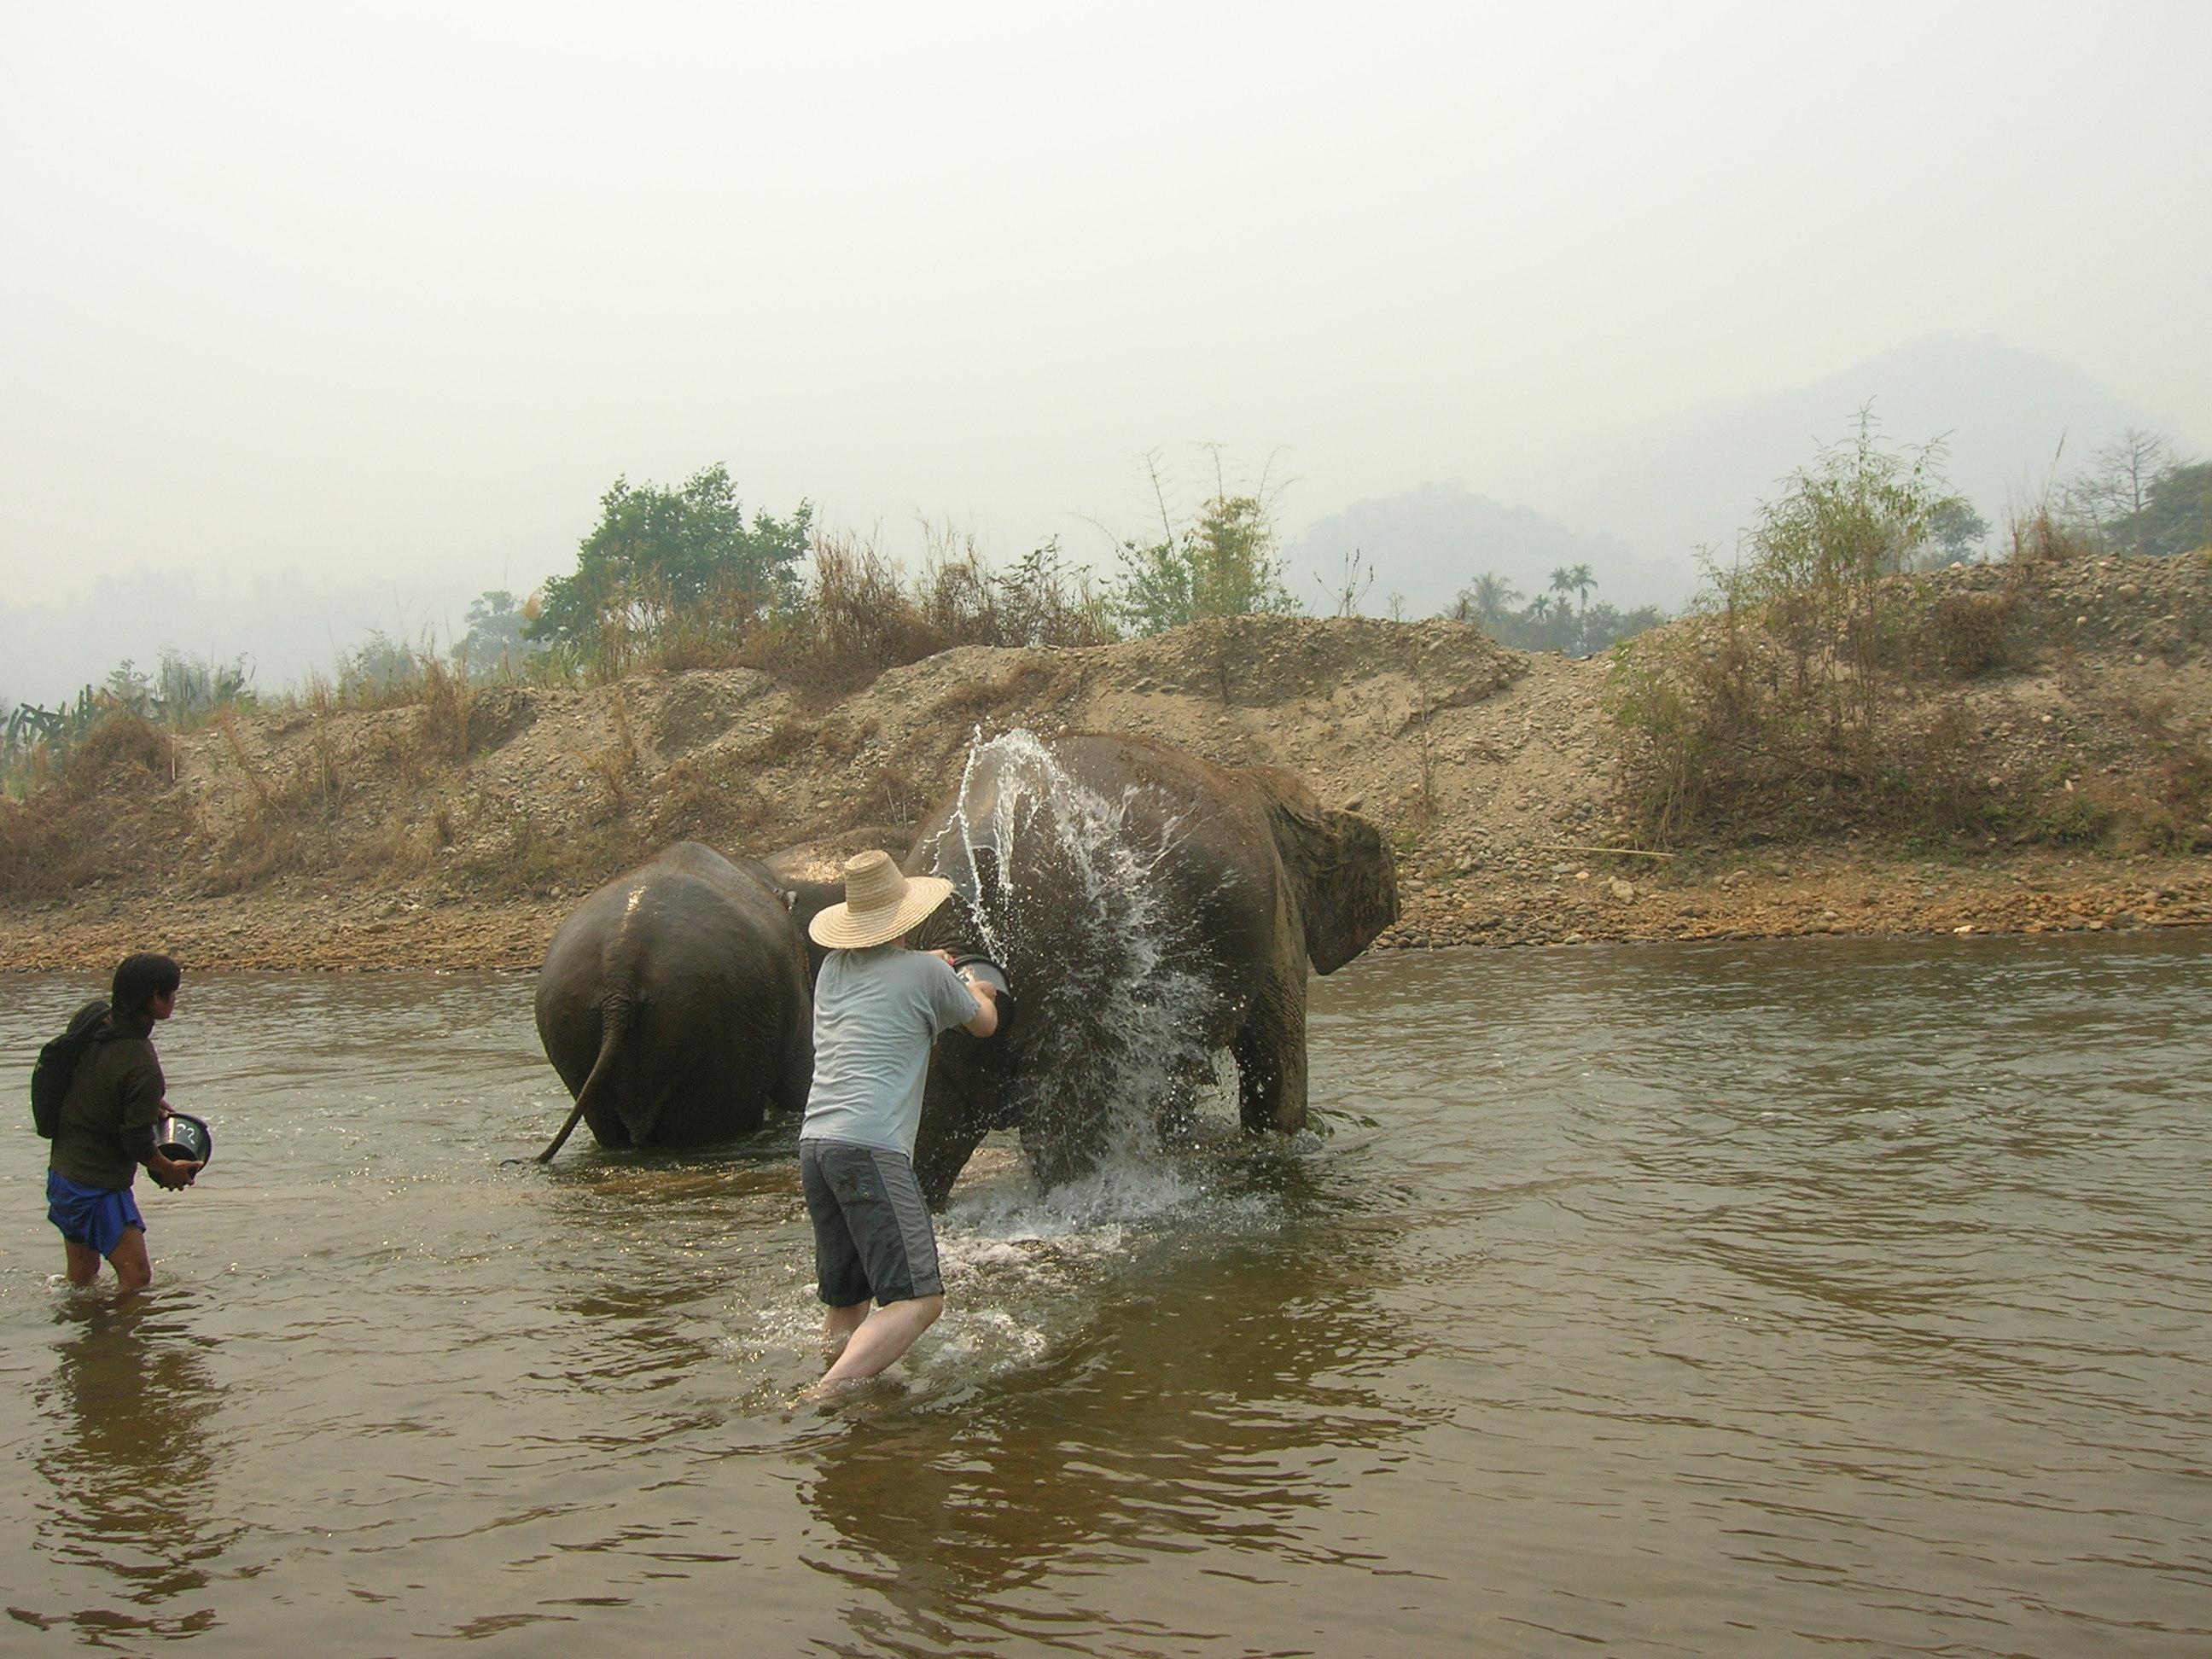 Ian washing elephant